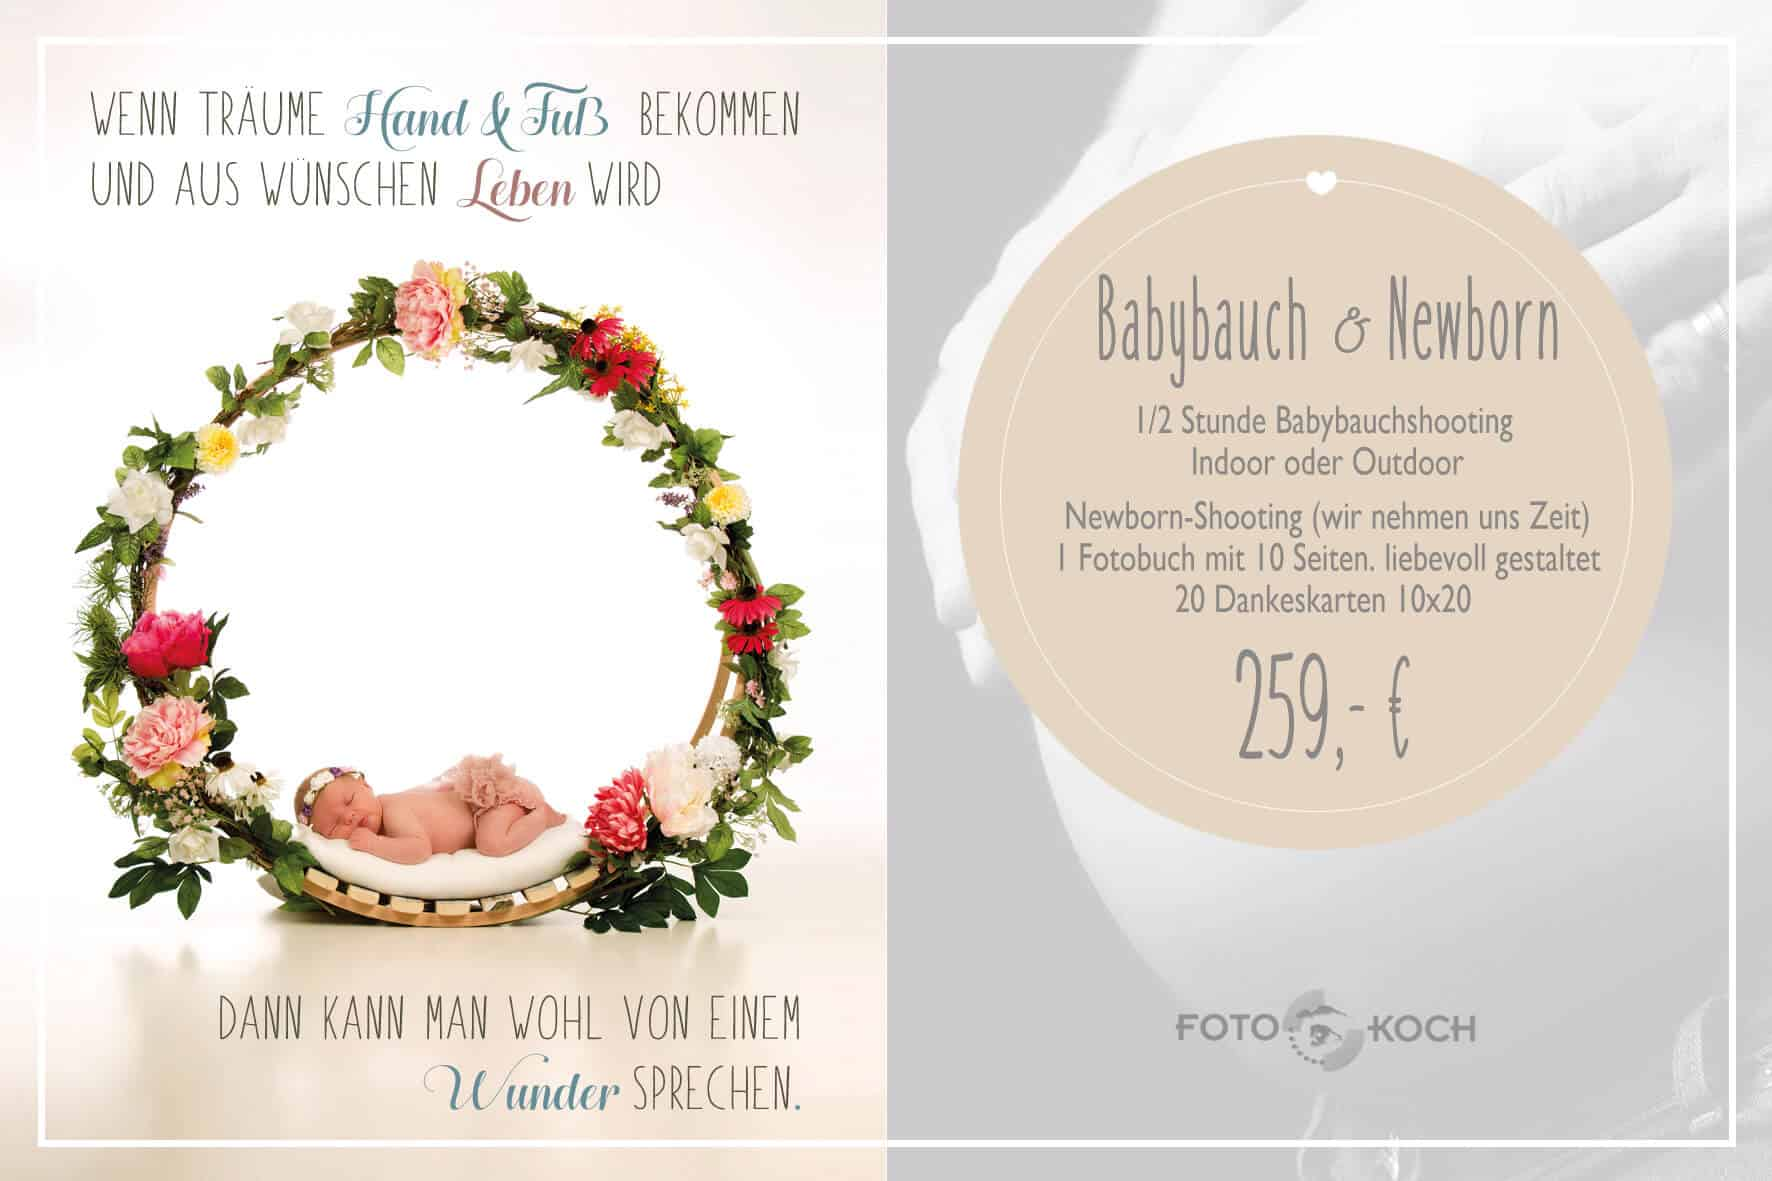 Aktion_Babybauch_newborn